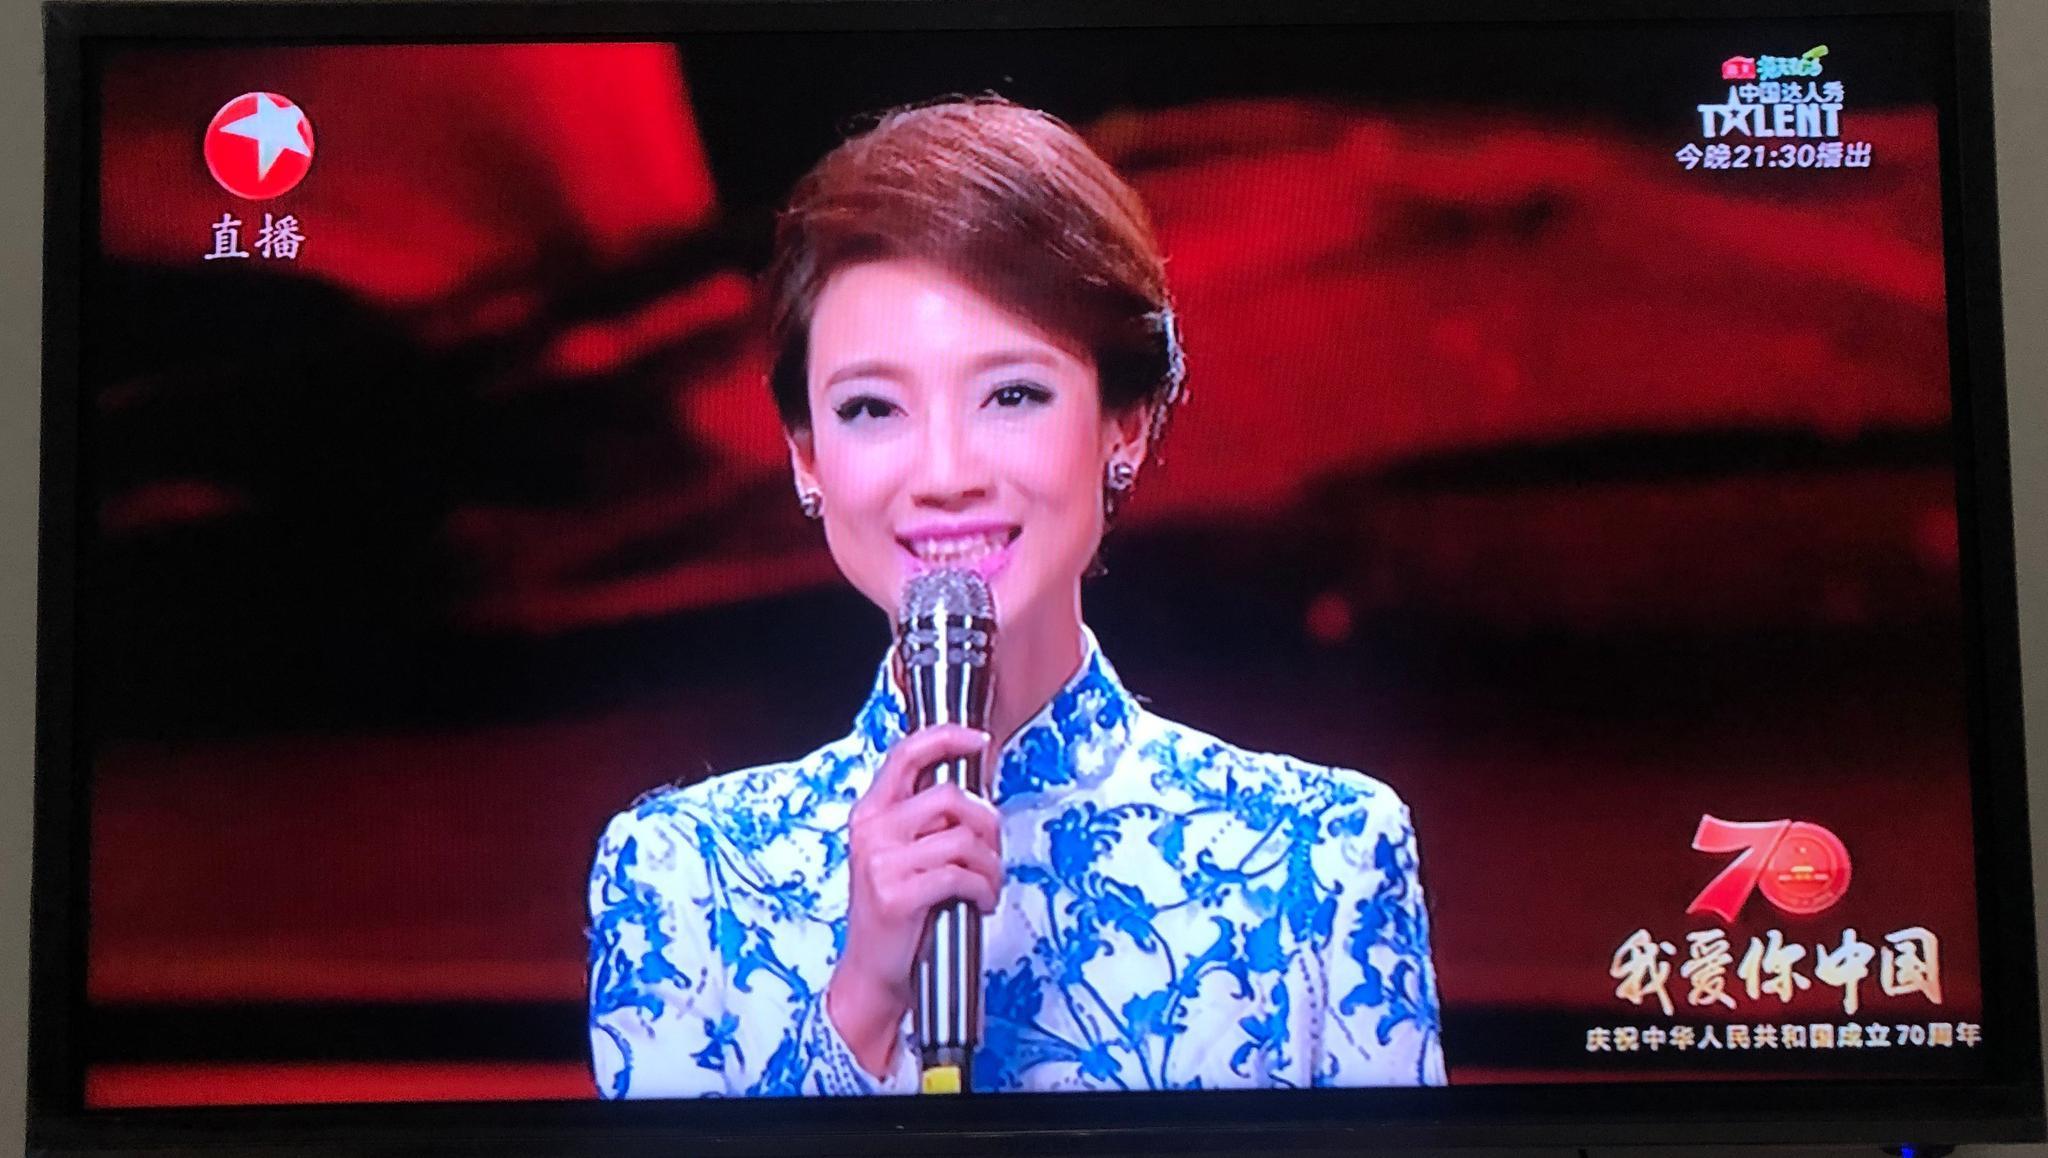 浙江卫视、湖南卫视、东方卫视、北京卫视、山东卫视五大卫视联合直播